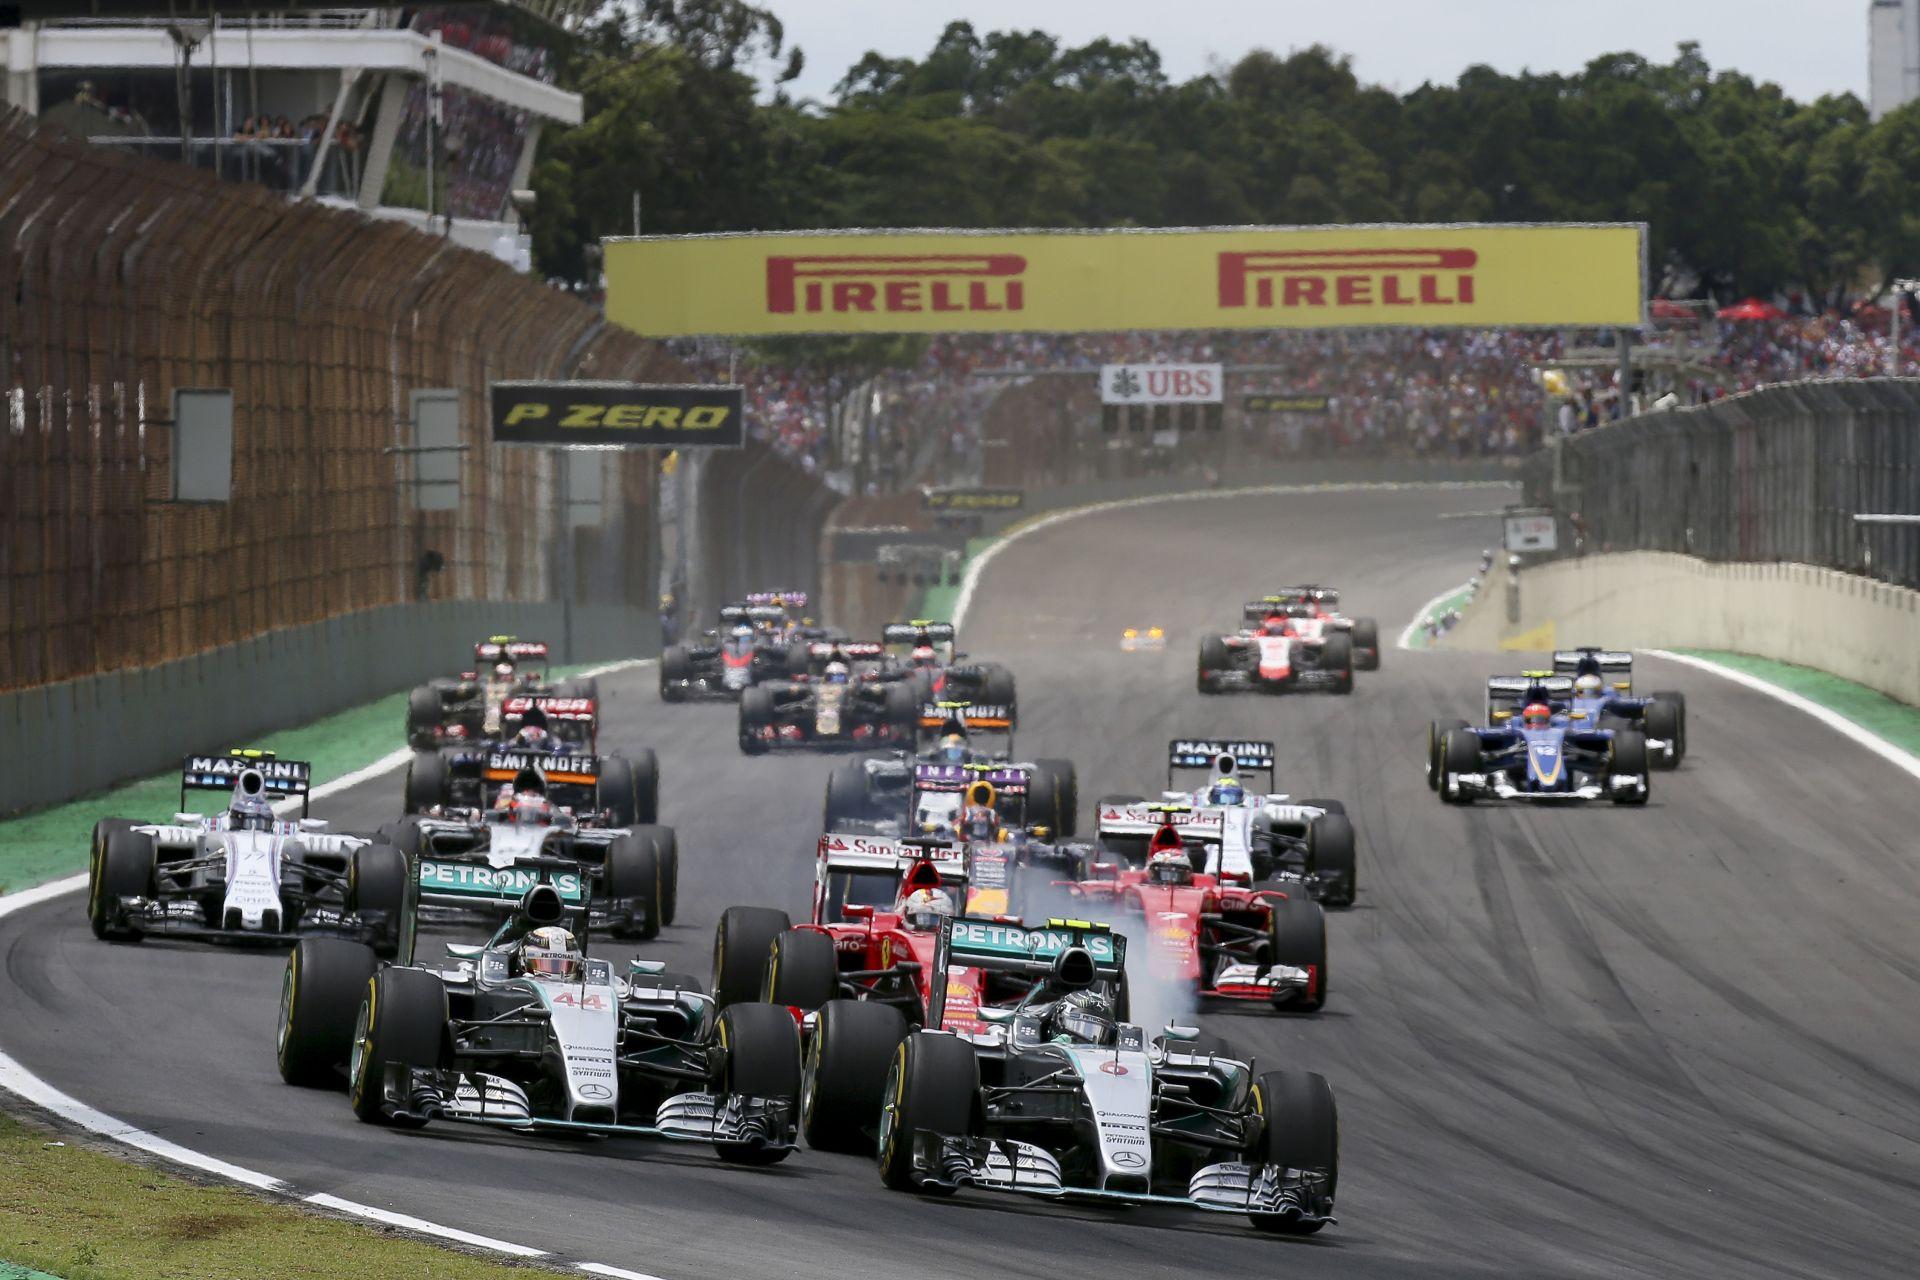 Az FIA is kiadta a kieséses időmérő rendszer szabályait!